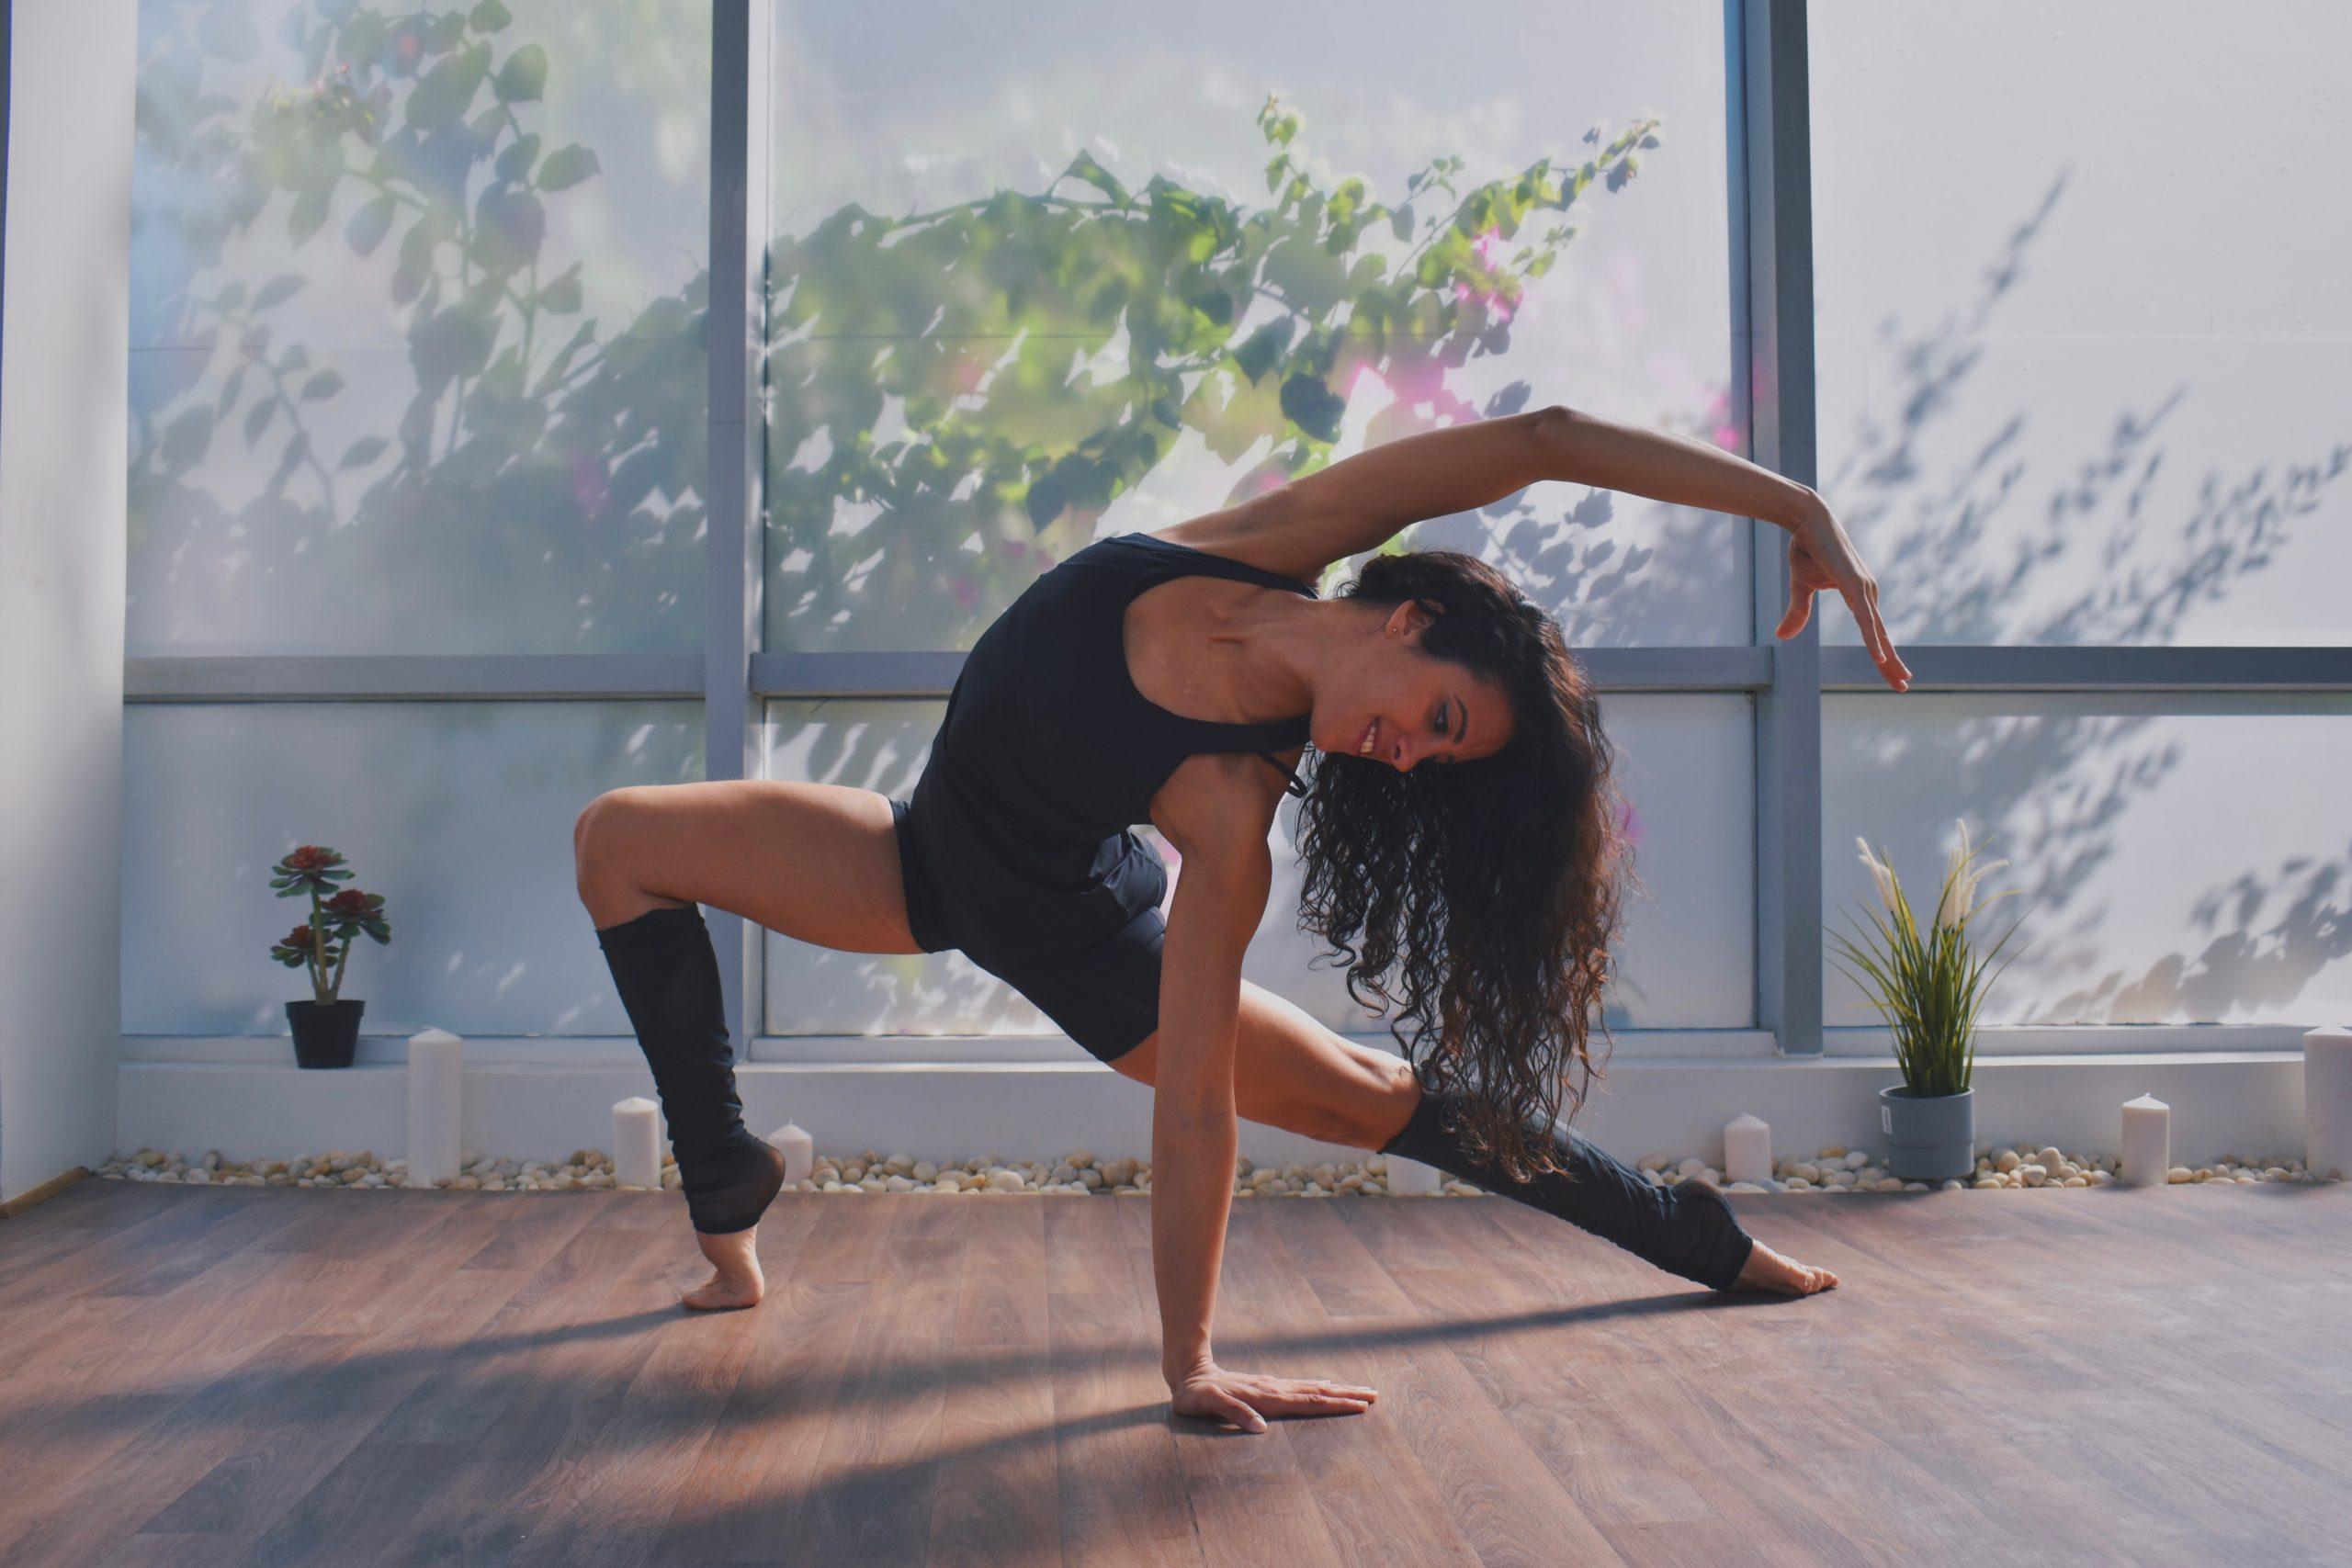 Bài tập yoga-Cô gái chống tay xuống đất.